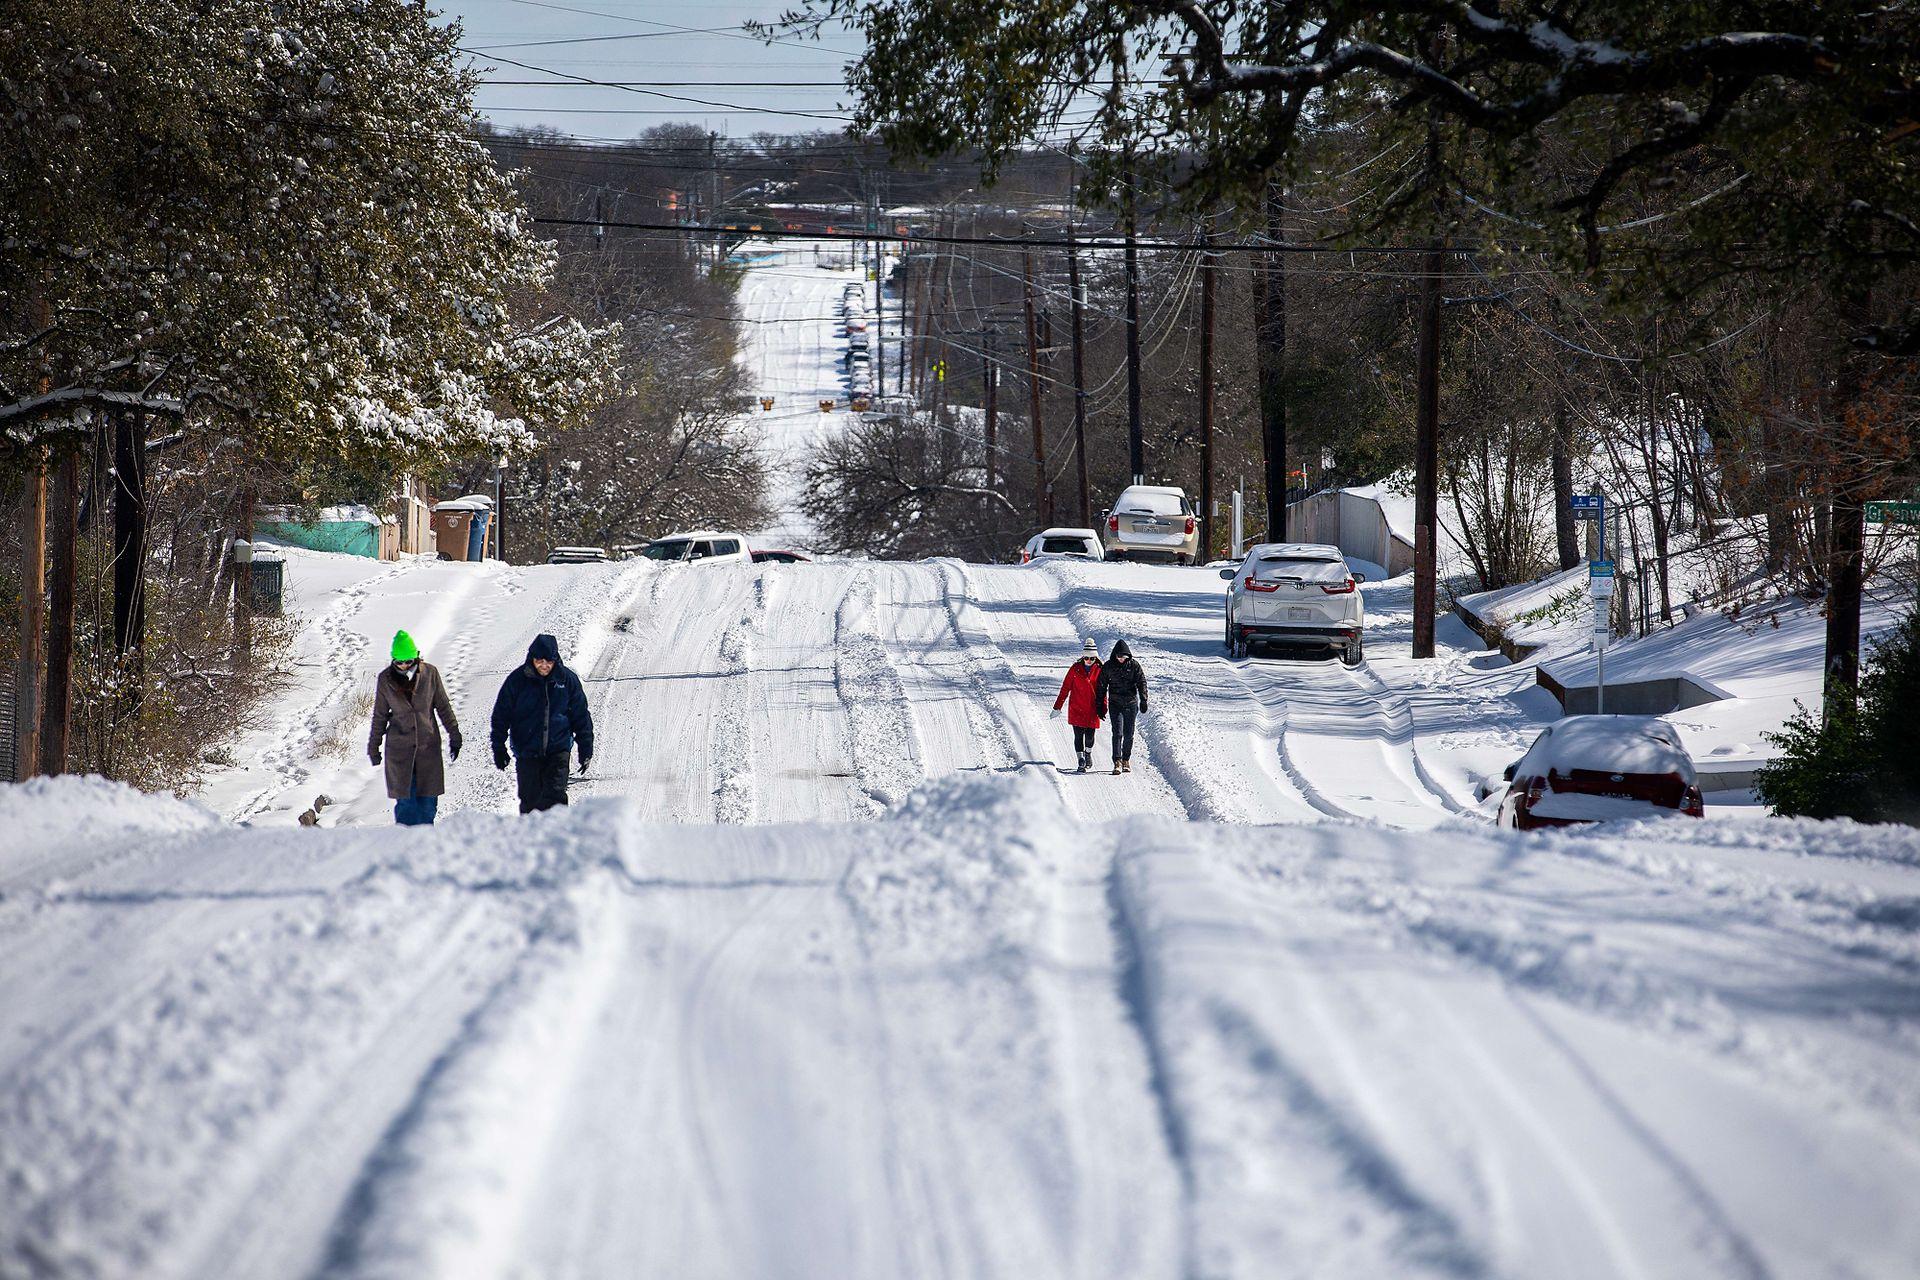 La tormanta invernal a la que han llamado Uri, obliga  a las persona a caminar ya que las calles casi no se pueden transitar en auto